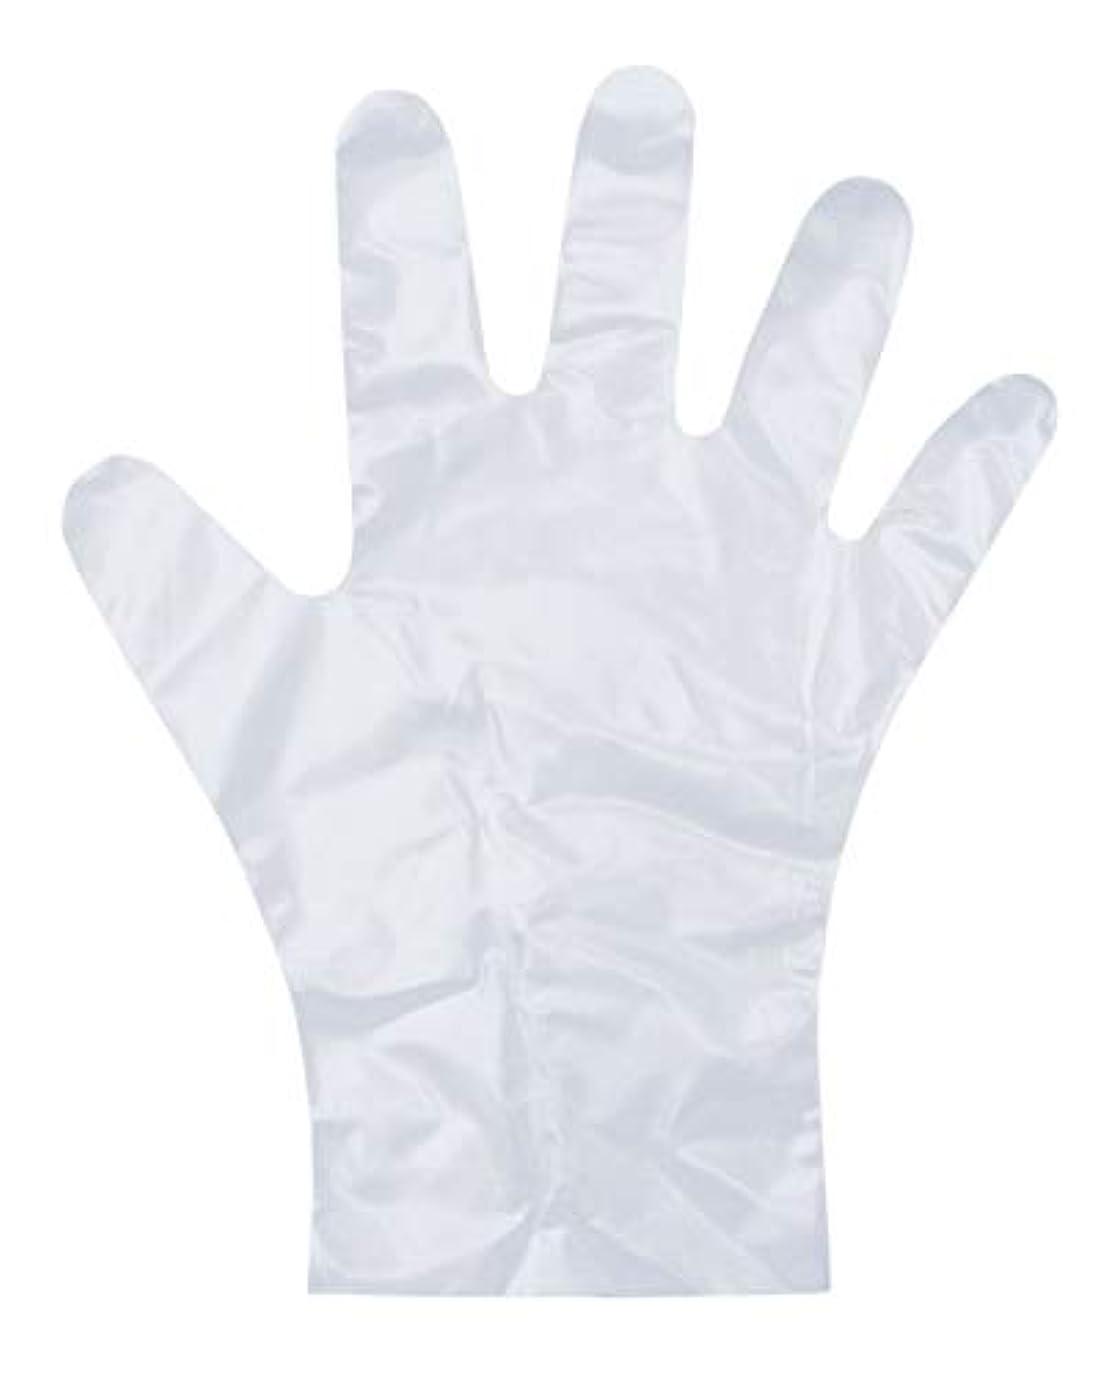 ニッケル筋細心のダンロップ ホームプロダクツ ポリエチレン手袋 使い捨て エンボス 半透明 M 調理 掃除 洗濯 介護 毛染め PD-110 100枚入